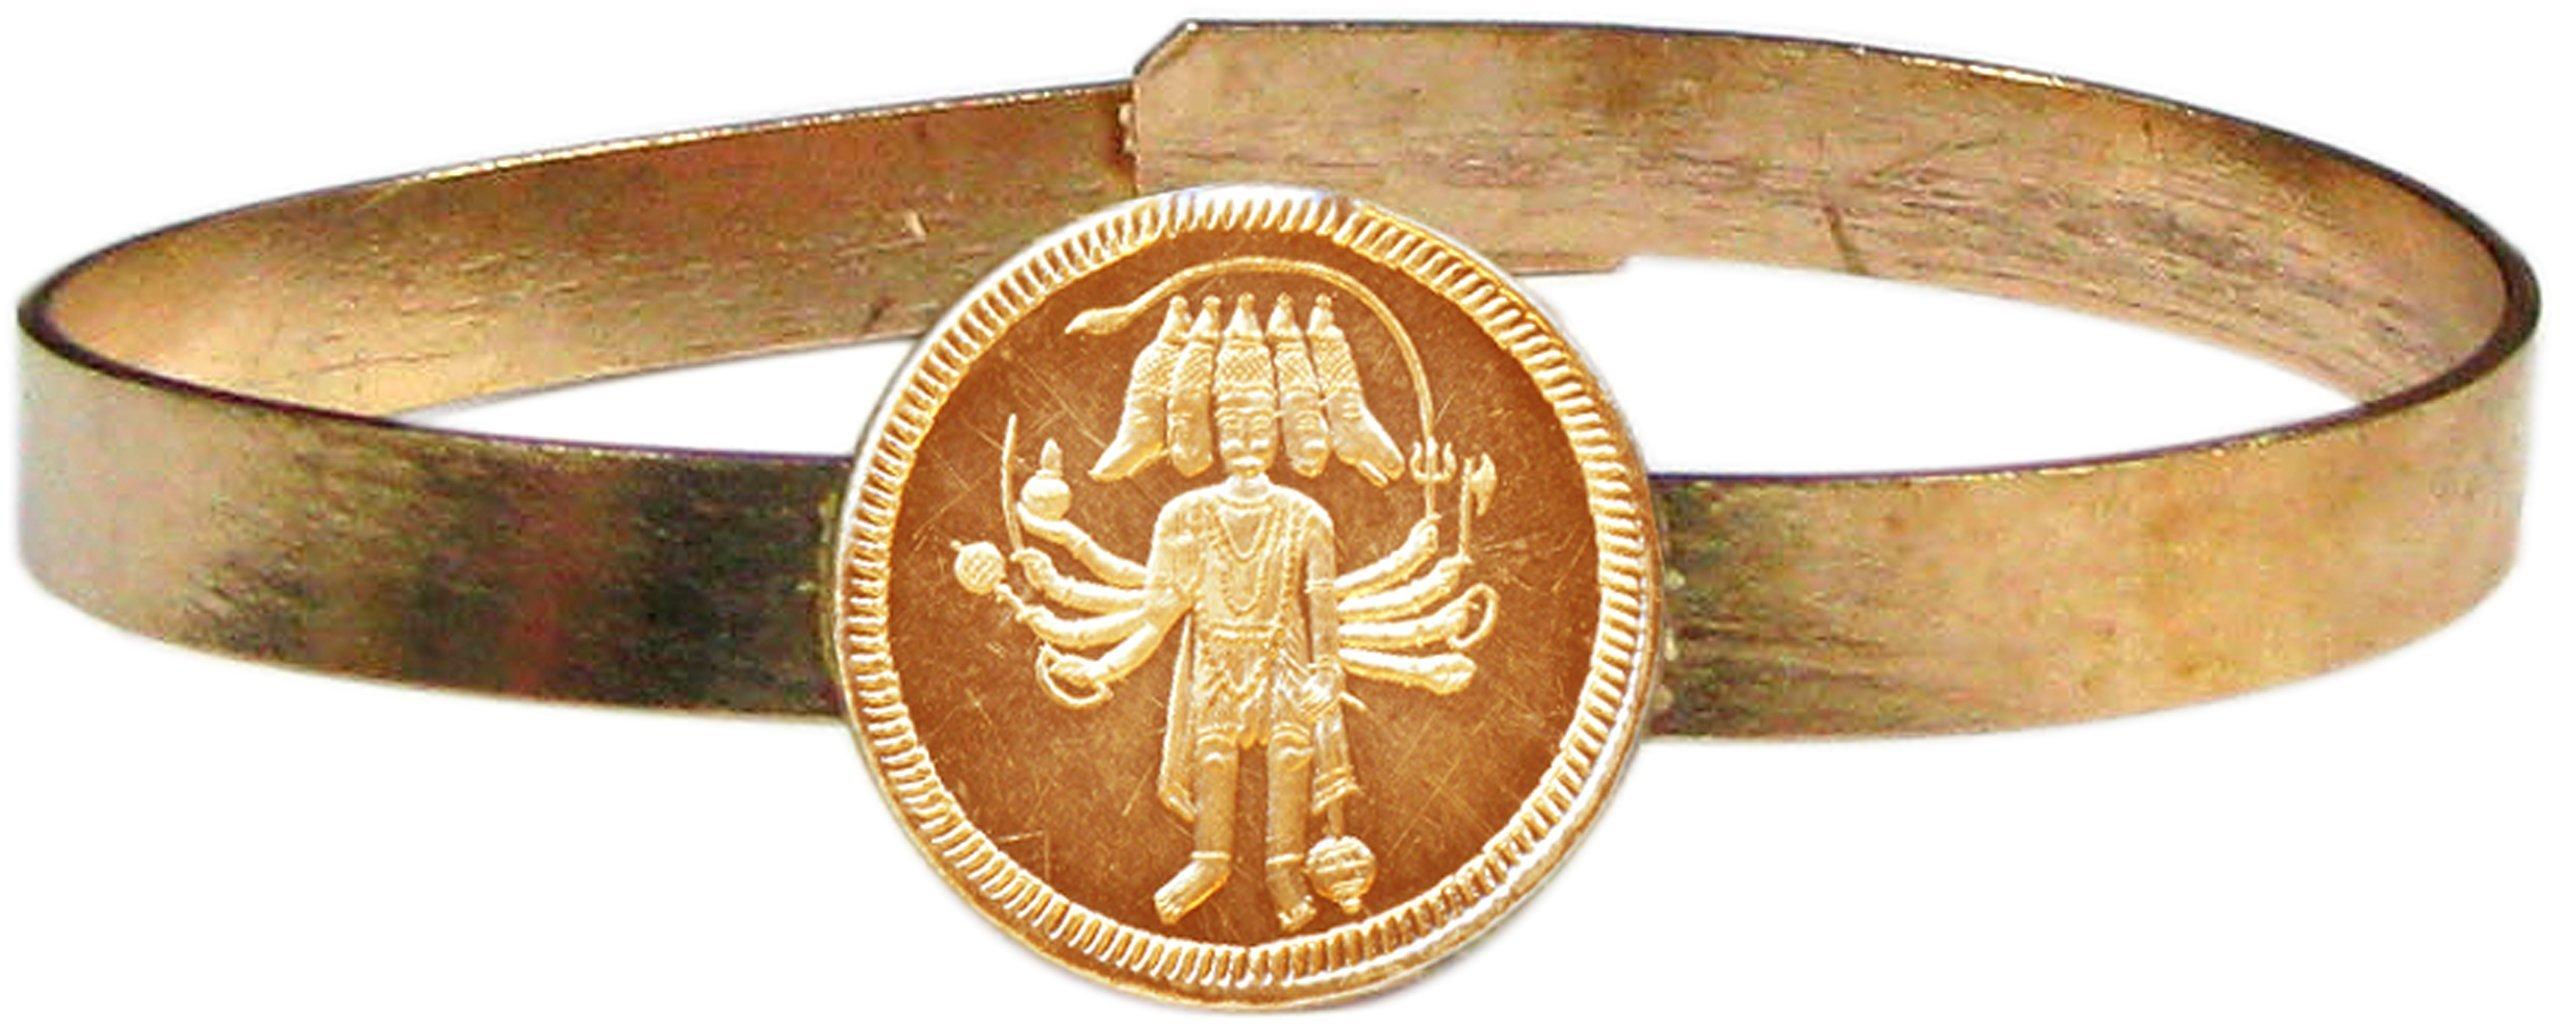 Narasimha Handicrafts Bangle - Panchamukhi Hanuman Copper Kangan Kankanam Kaapu Bracelet Wristlet